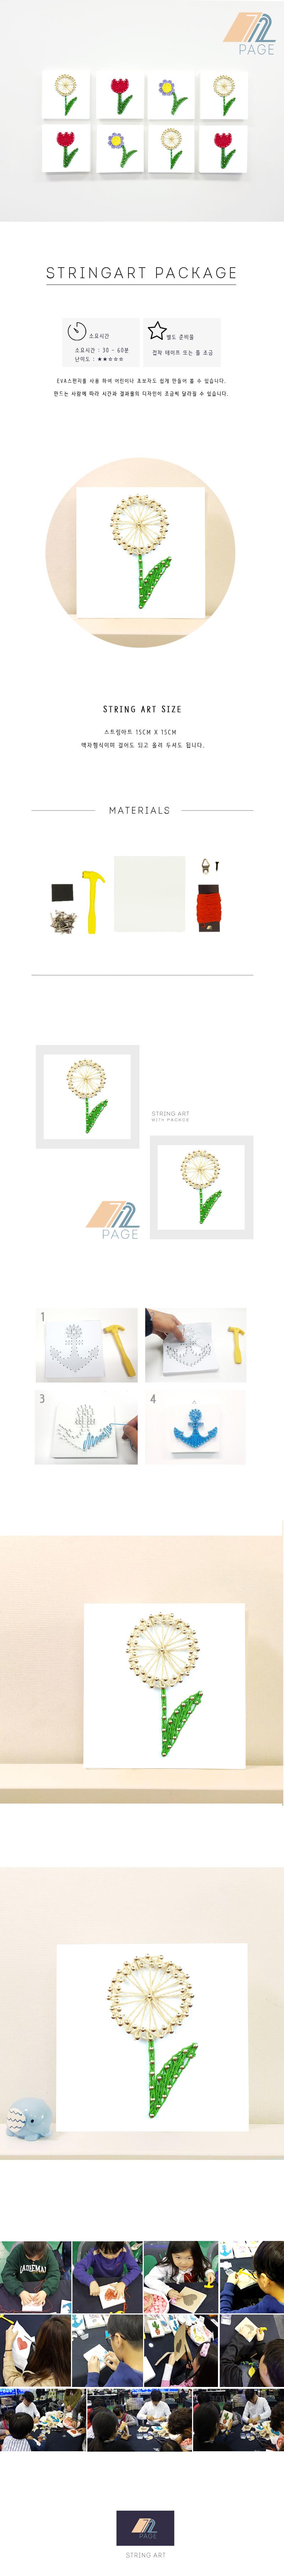 꼬마 민들레씨 스트링아트 만들기 패키지 DIY (EVA) - 72페이지, 10,000원, DIY그리기, 스트링아트